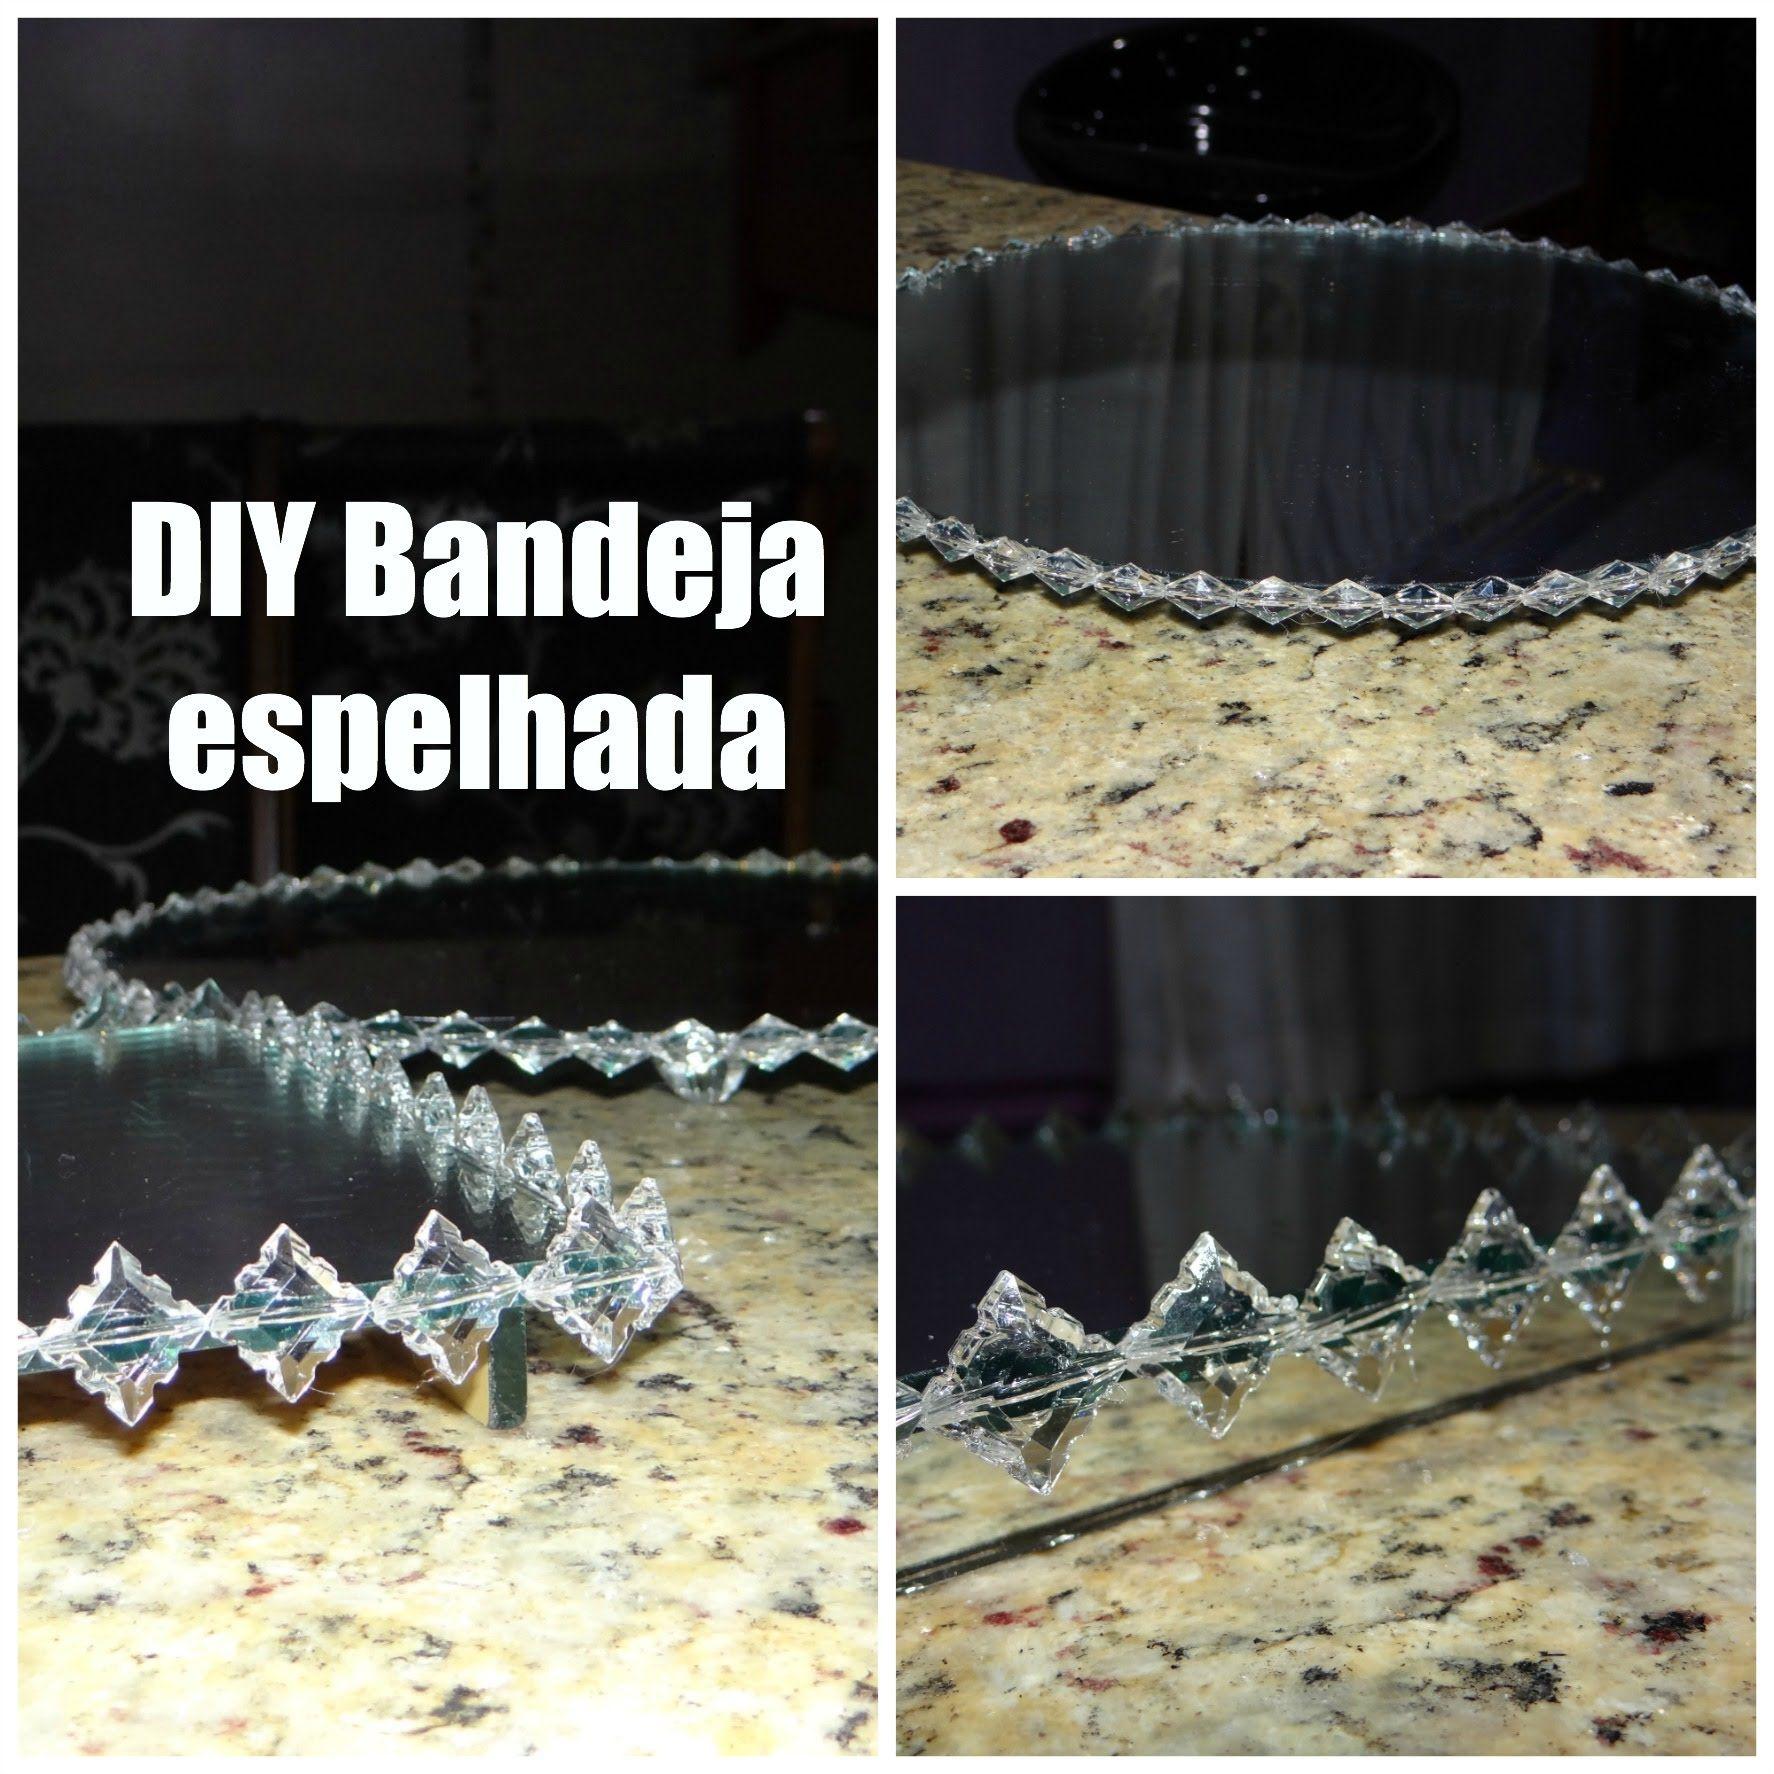 DIY - Bandeja espelhada | bandejas | Pinterest